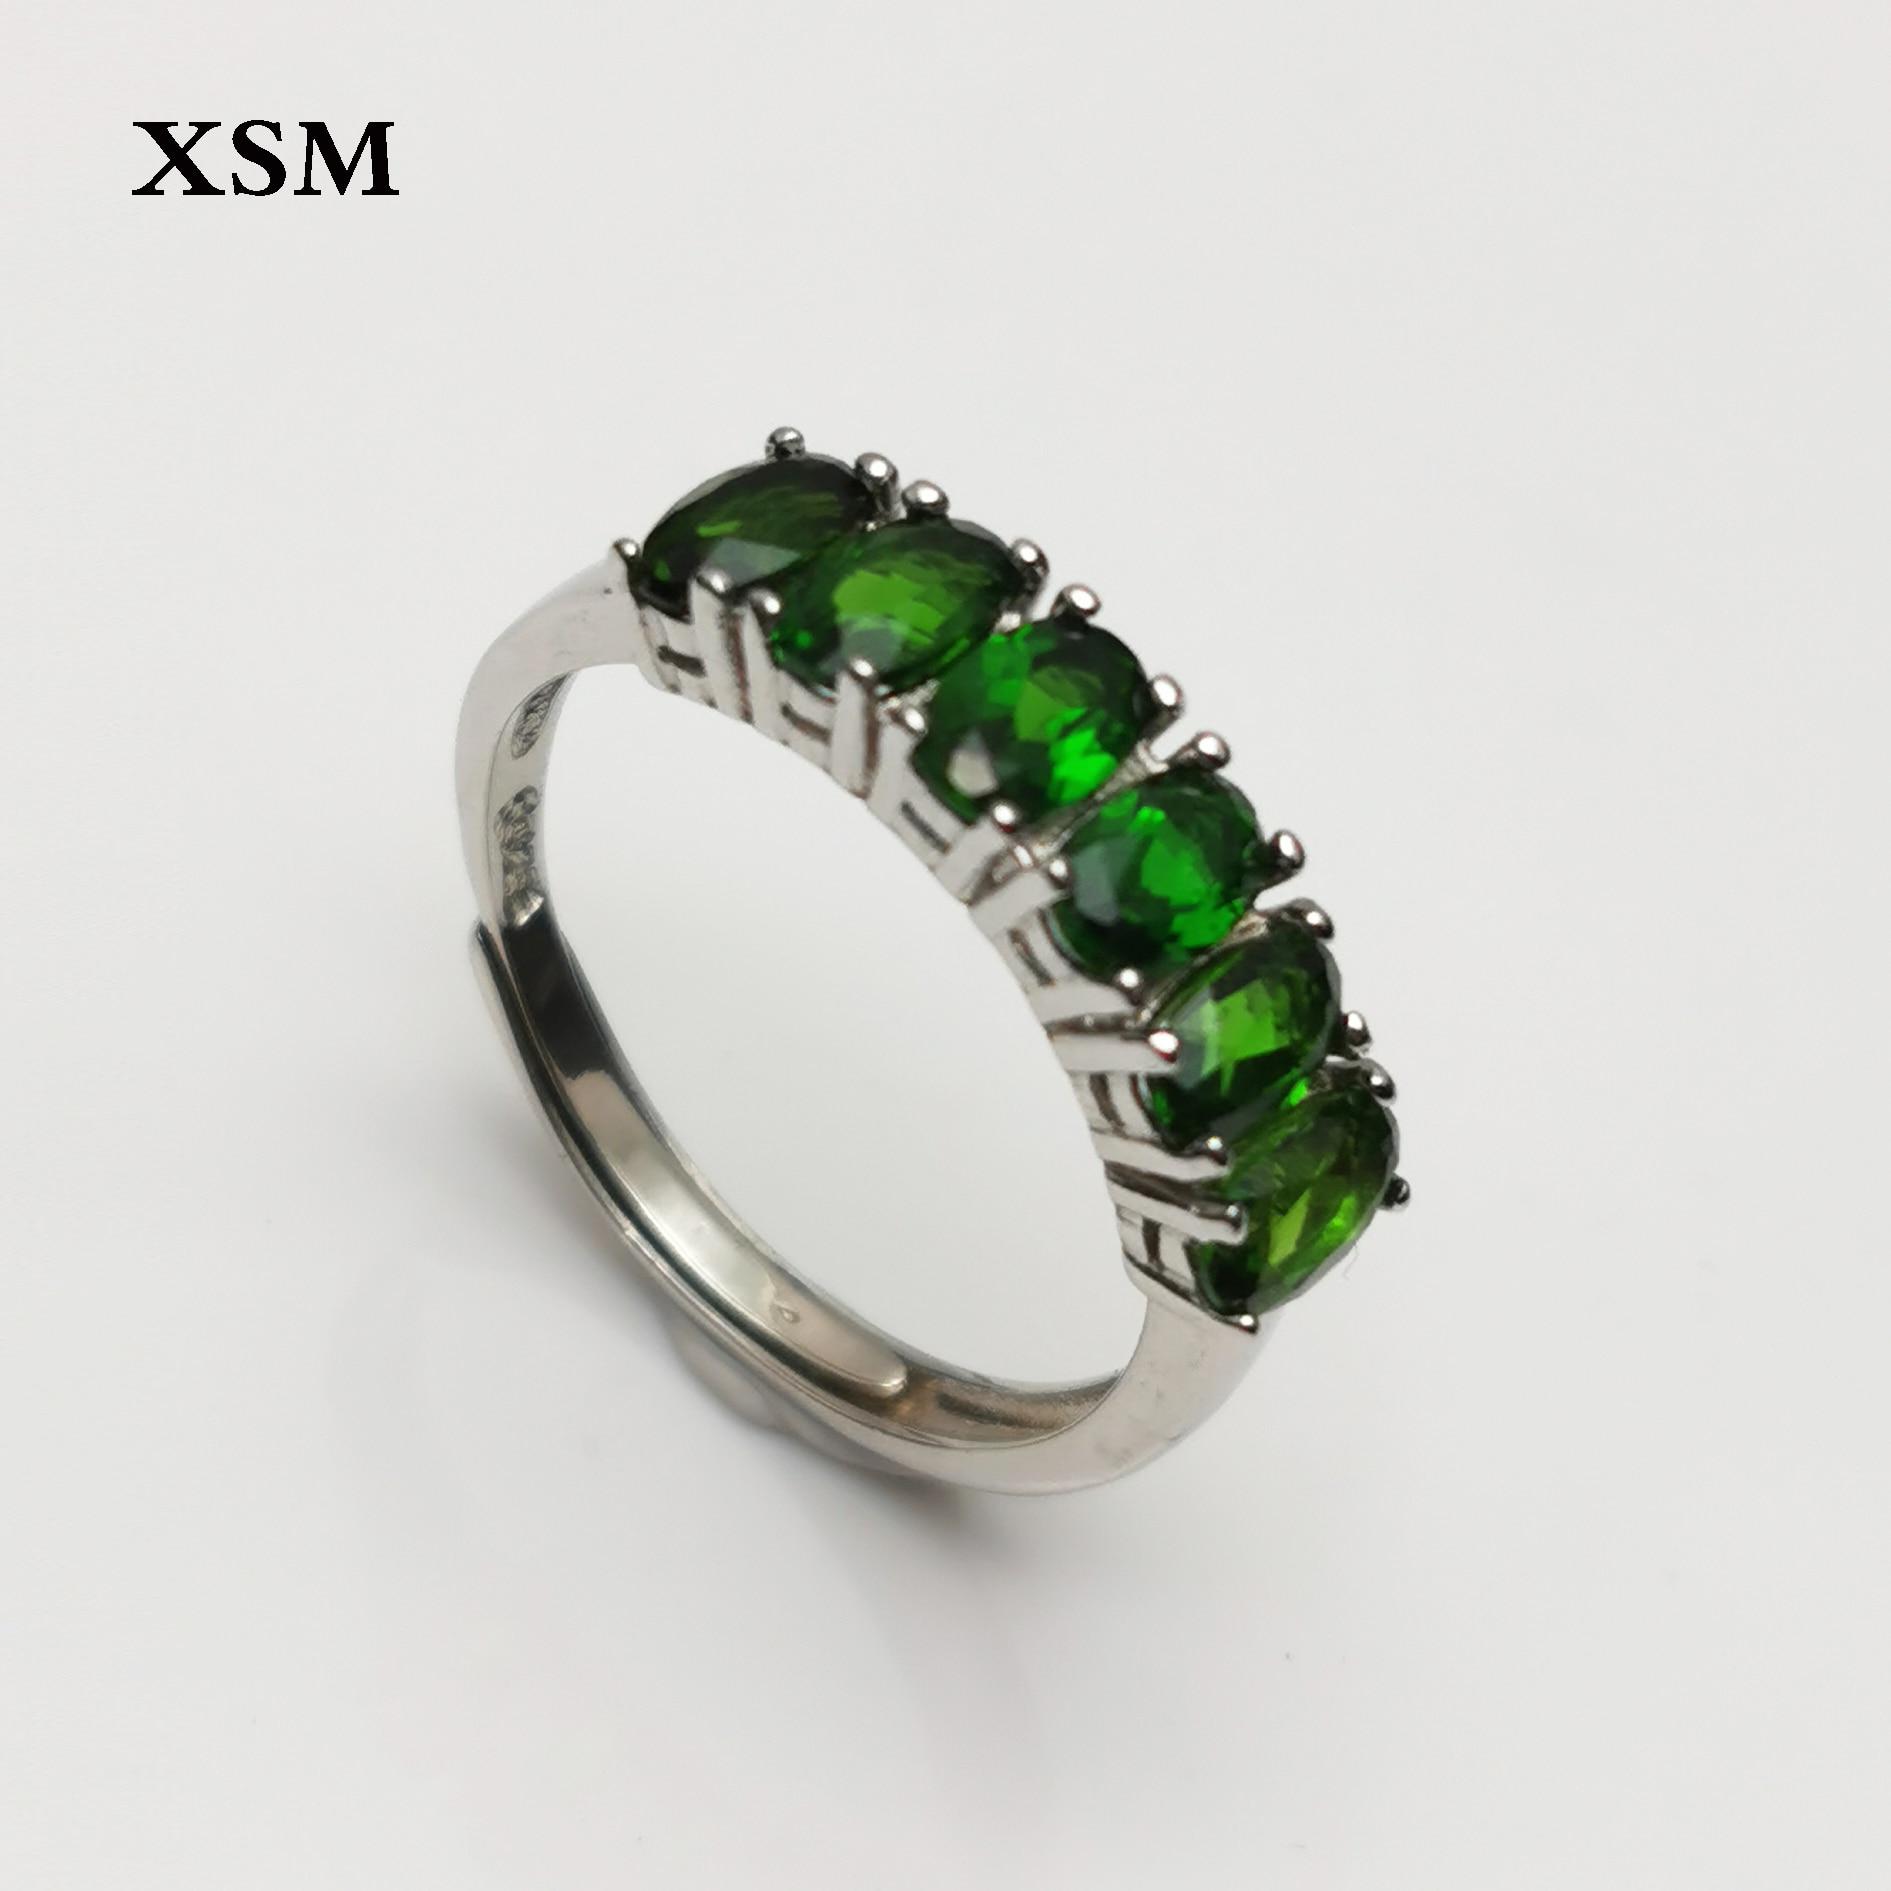 100% naturel vert diopside pierre gemme 925 en argent sterling réglable bague fine bijoux pour meilleur pour la boîte de cadeau de fiançailles de la femme